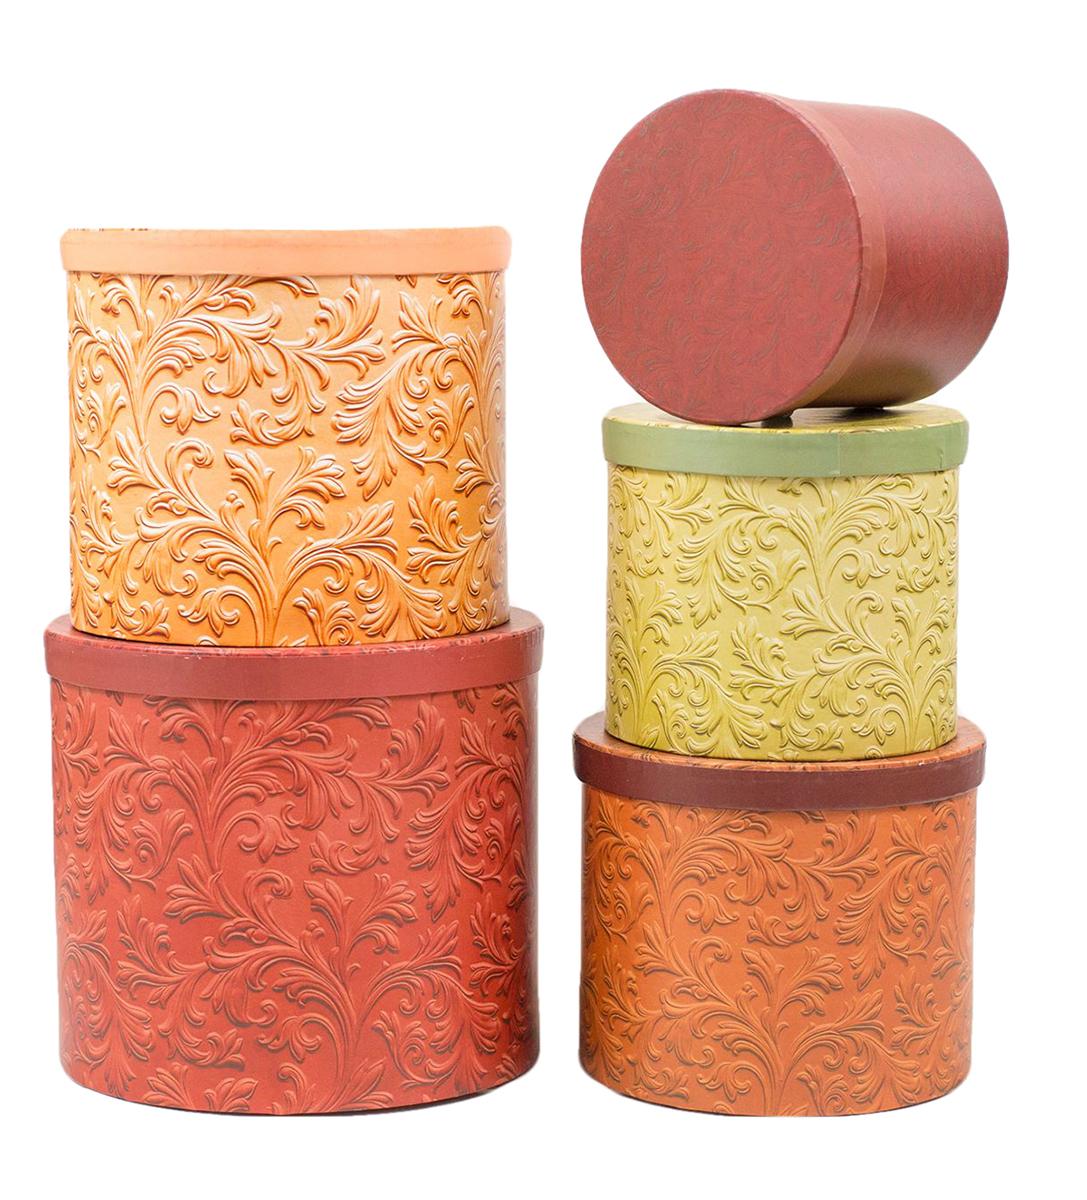 Набор коробок Дарите Счастье 5 в 1 Кофейные узоры, круг2291175Шляпные коробки — новое решение для оформления букетов. Такая композиция выглядит оригинально и стильно. Удобная упаковка защищает цветы во время переноски.При наличии флористической губки изделие можно использовать в качестве вазы. Кроме редкого полива и сбрызгивания растения не потребуют особенного ухода. Букет надолго сохранит свежесть и красоту.